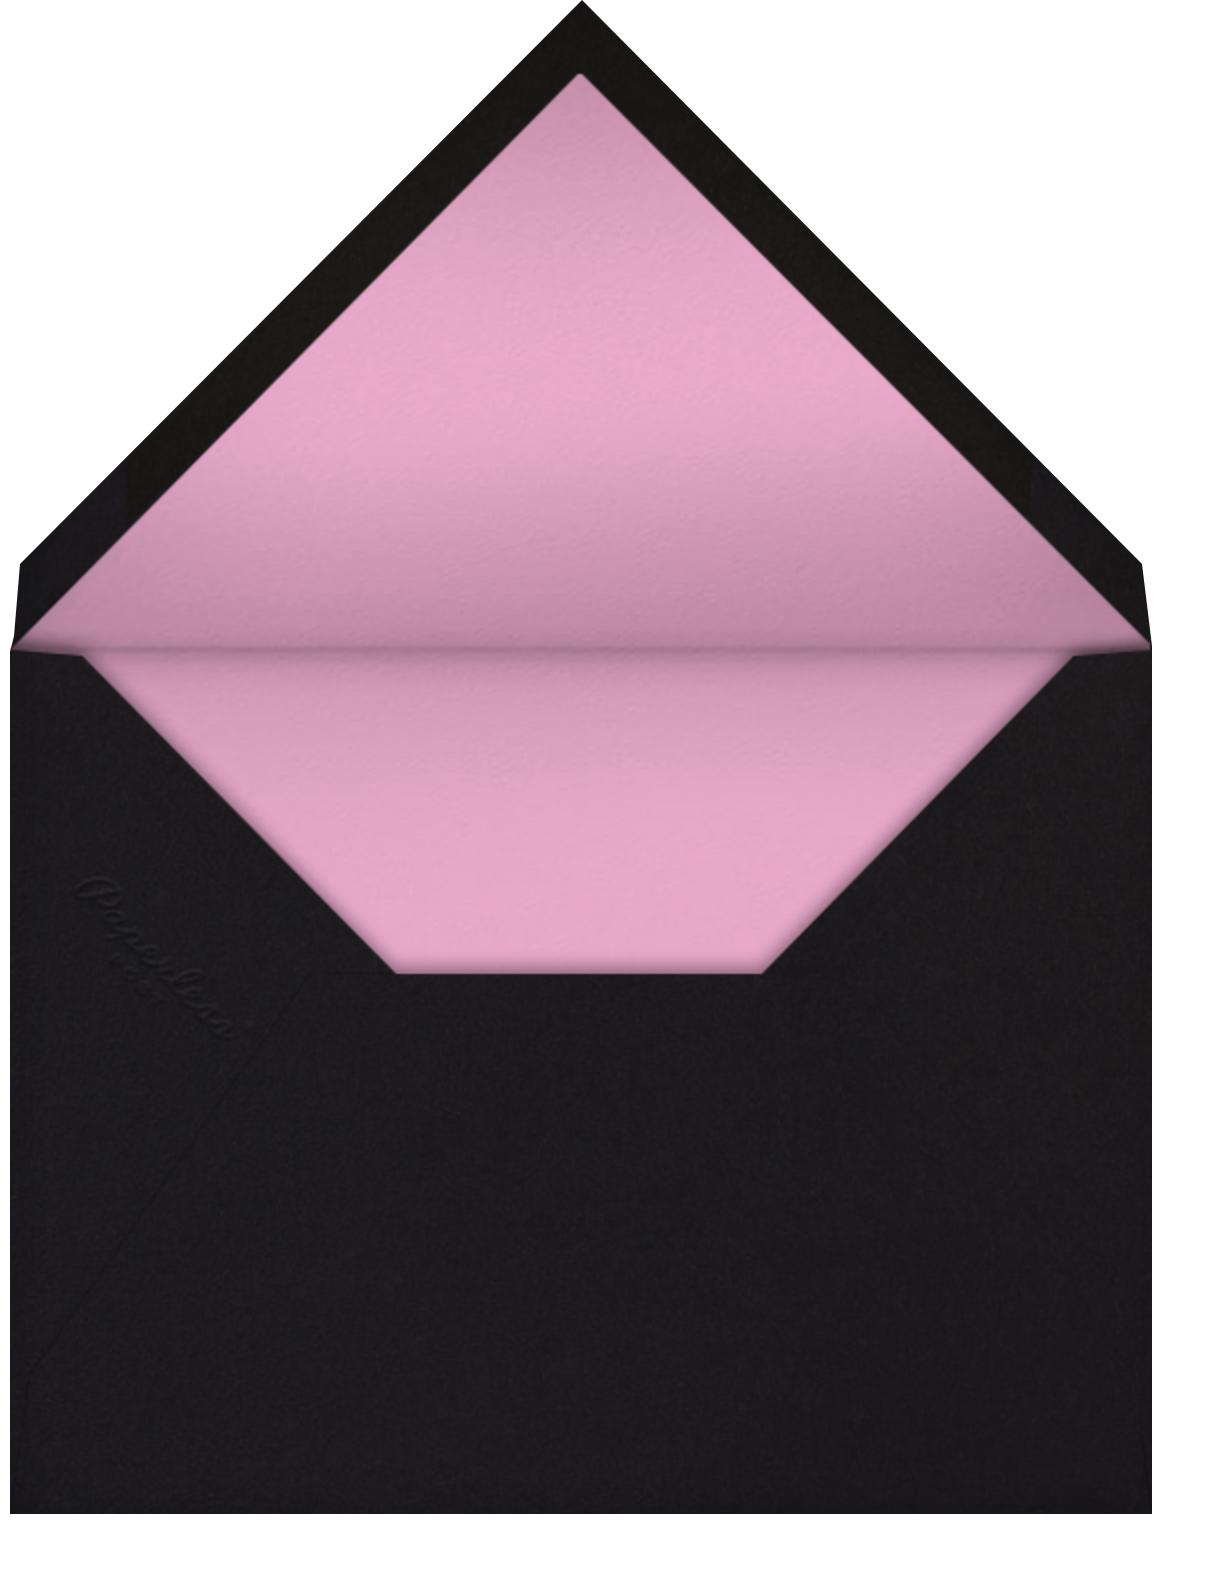 Meadow - Black - kate spade new york - Adult birthday - envelope back